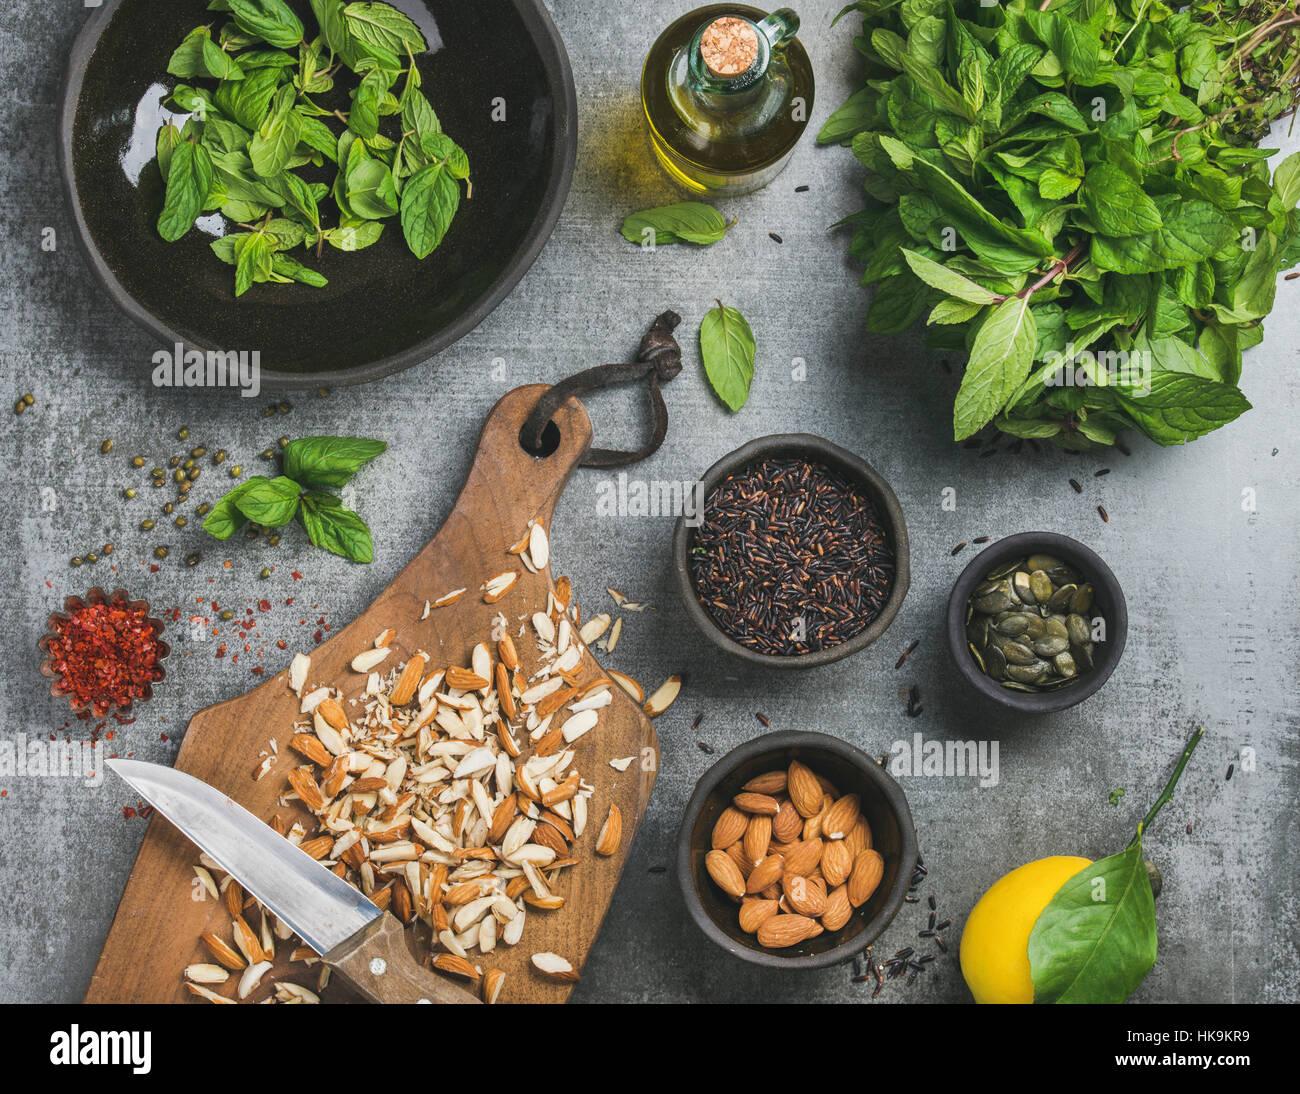 En bonne santé, végétariens, végétaliens ou ingrédients de cuisine manger propre. Photo Stock